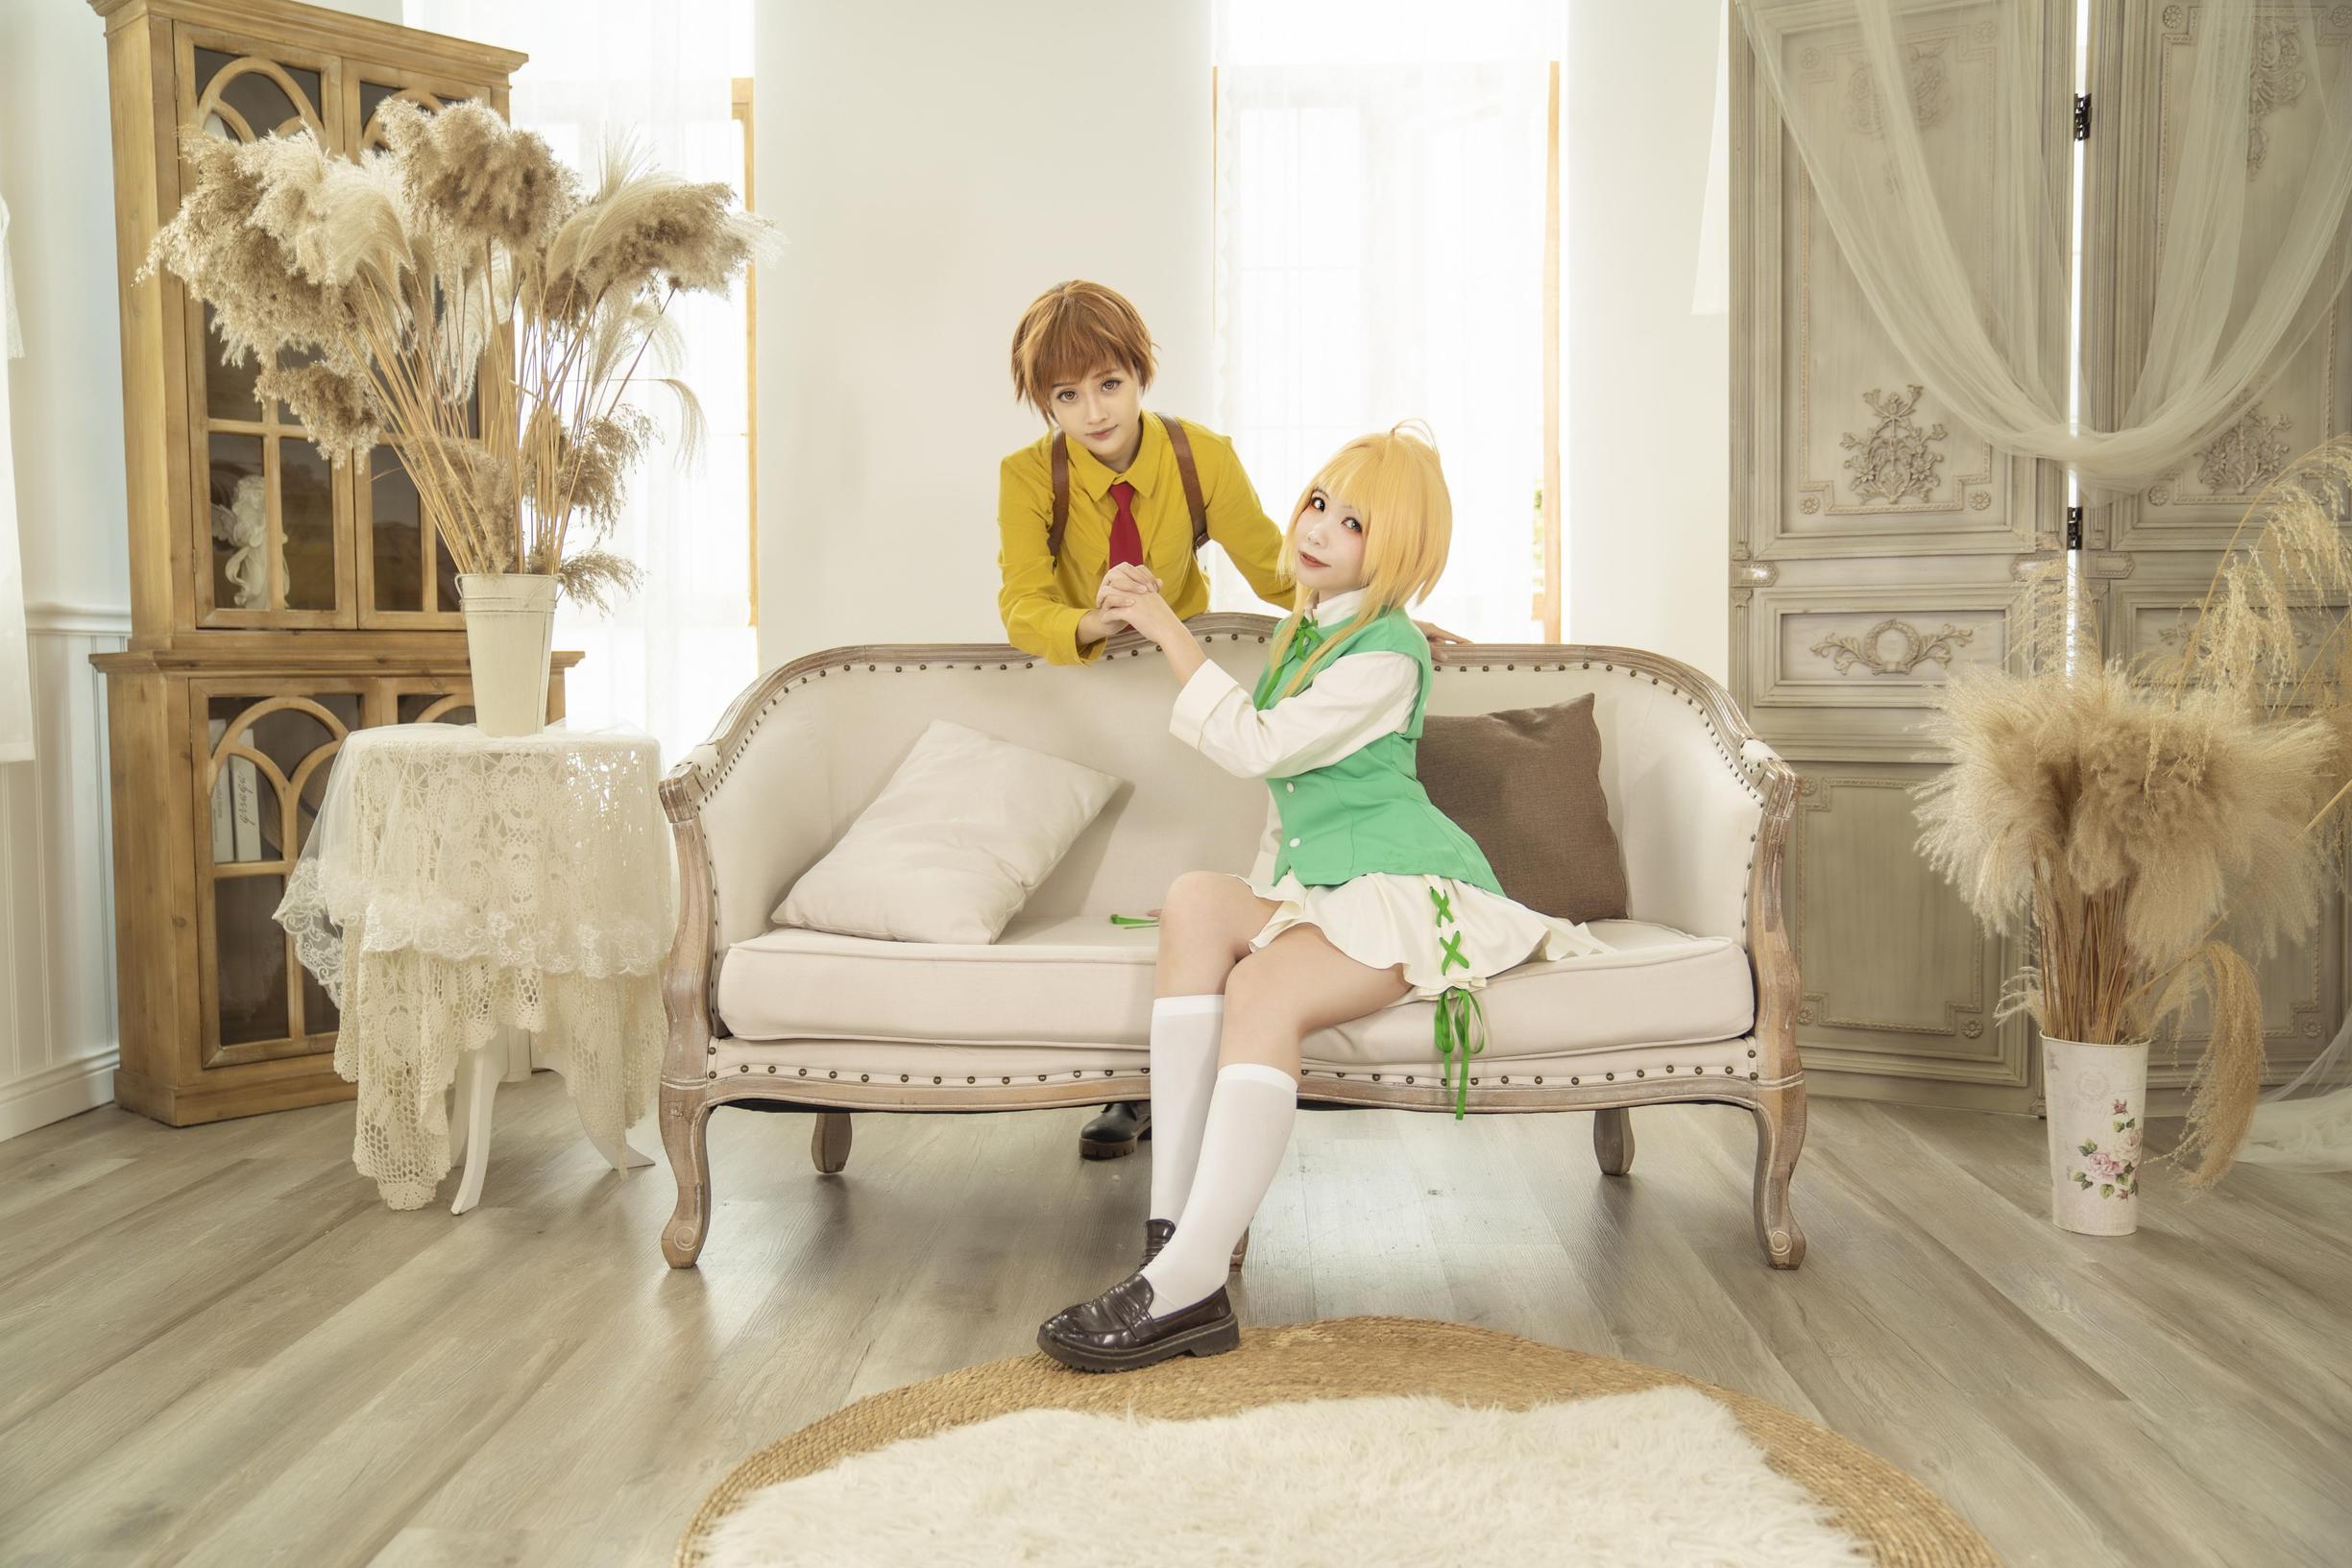 《魔卡少女樱》百变小樱cosplay【CN:海鲜君】-第6张